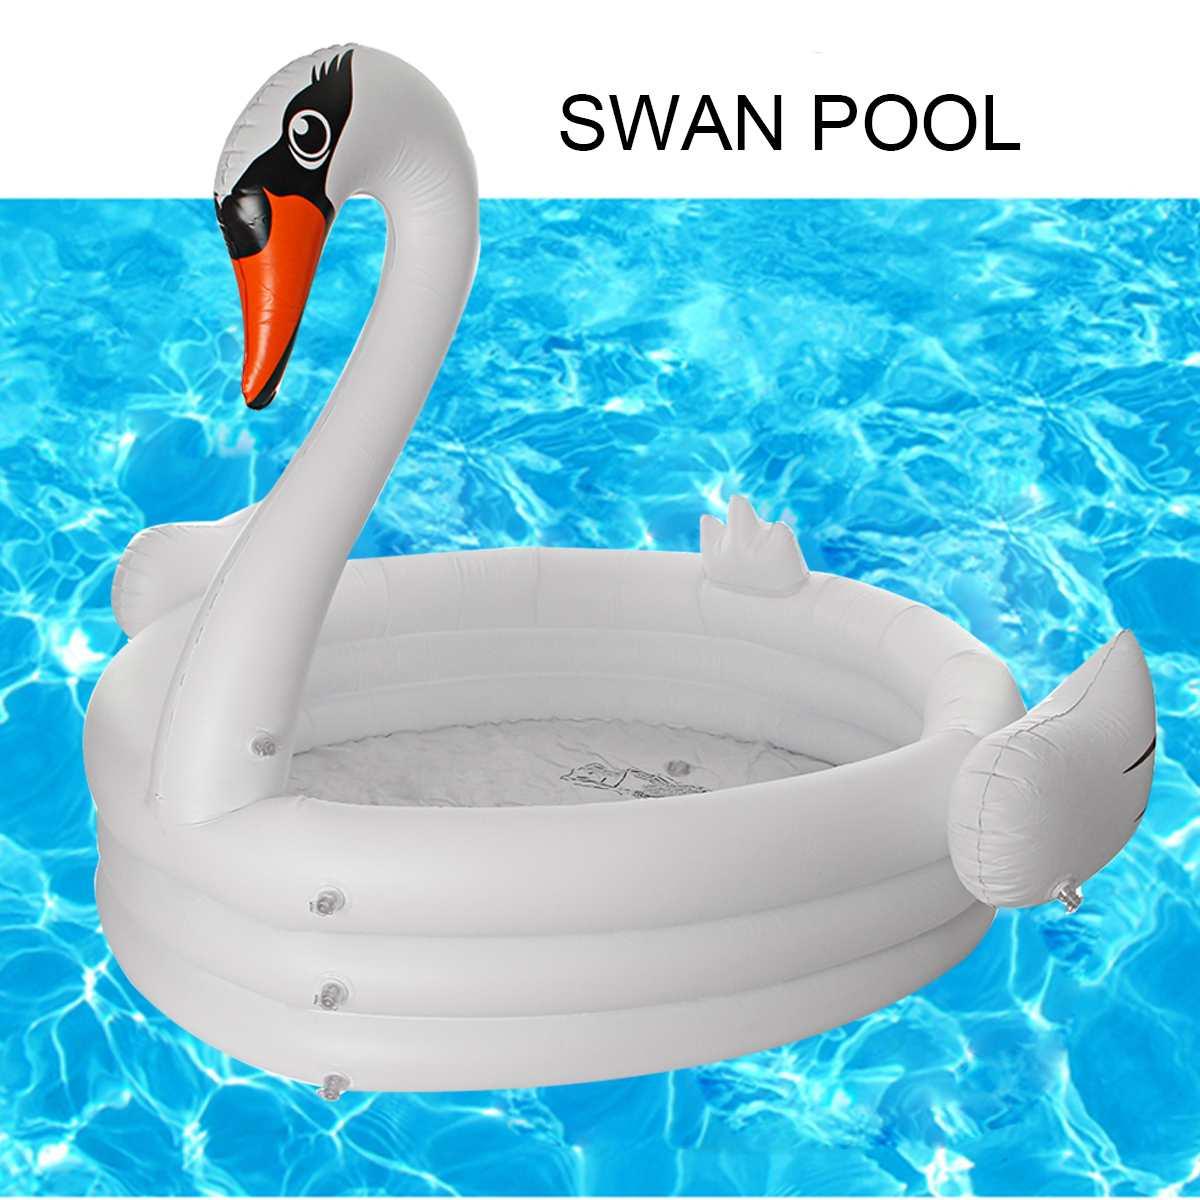 Été cygne piscine gonflable pour adultes bébé enfants pataugeoire piscine baignoire cercles flotteur piscine jouets été chaud